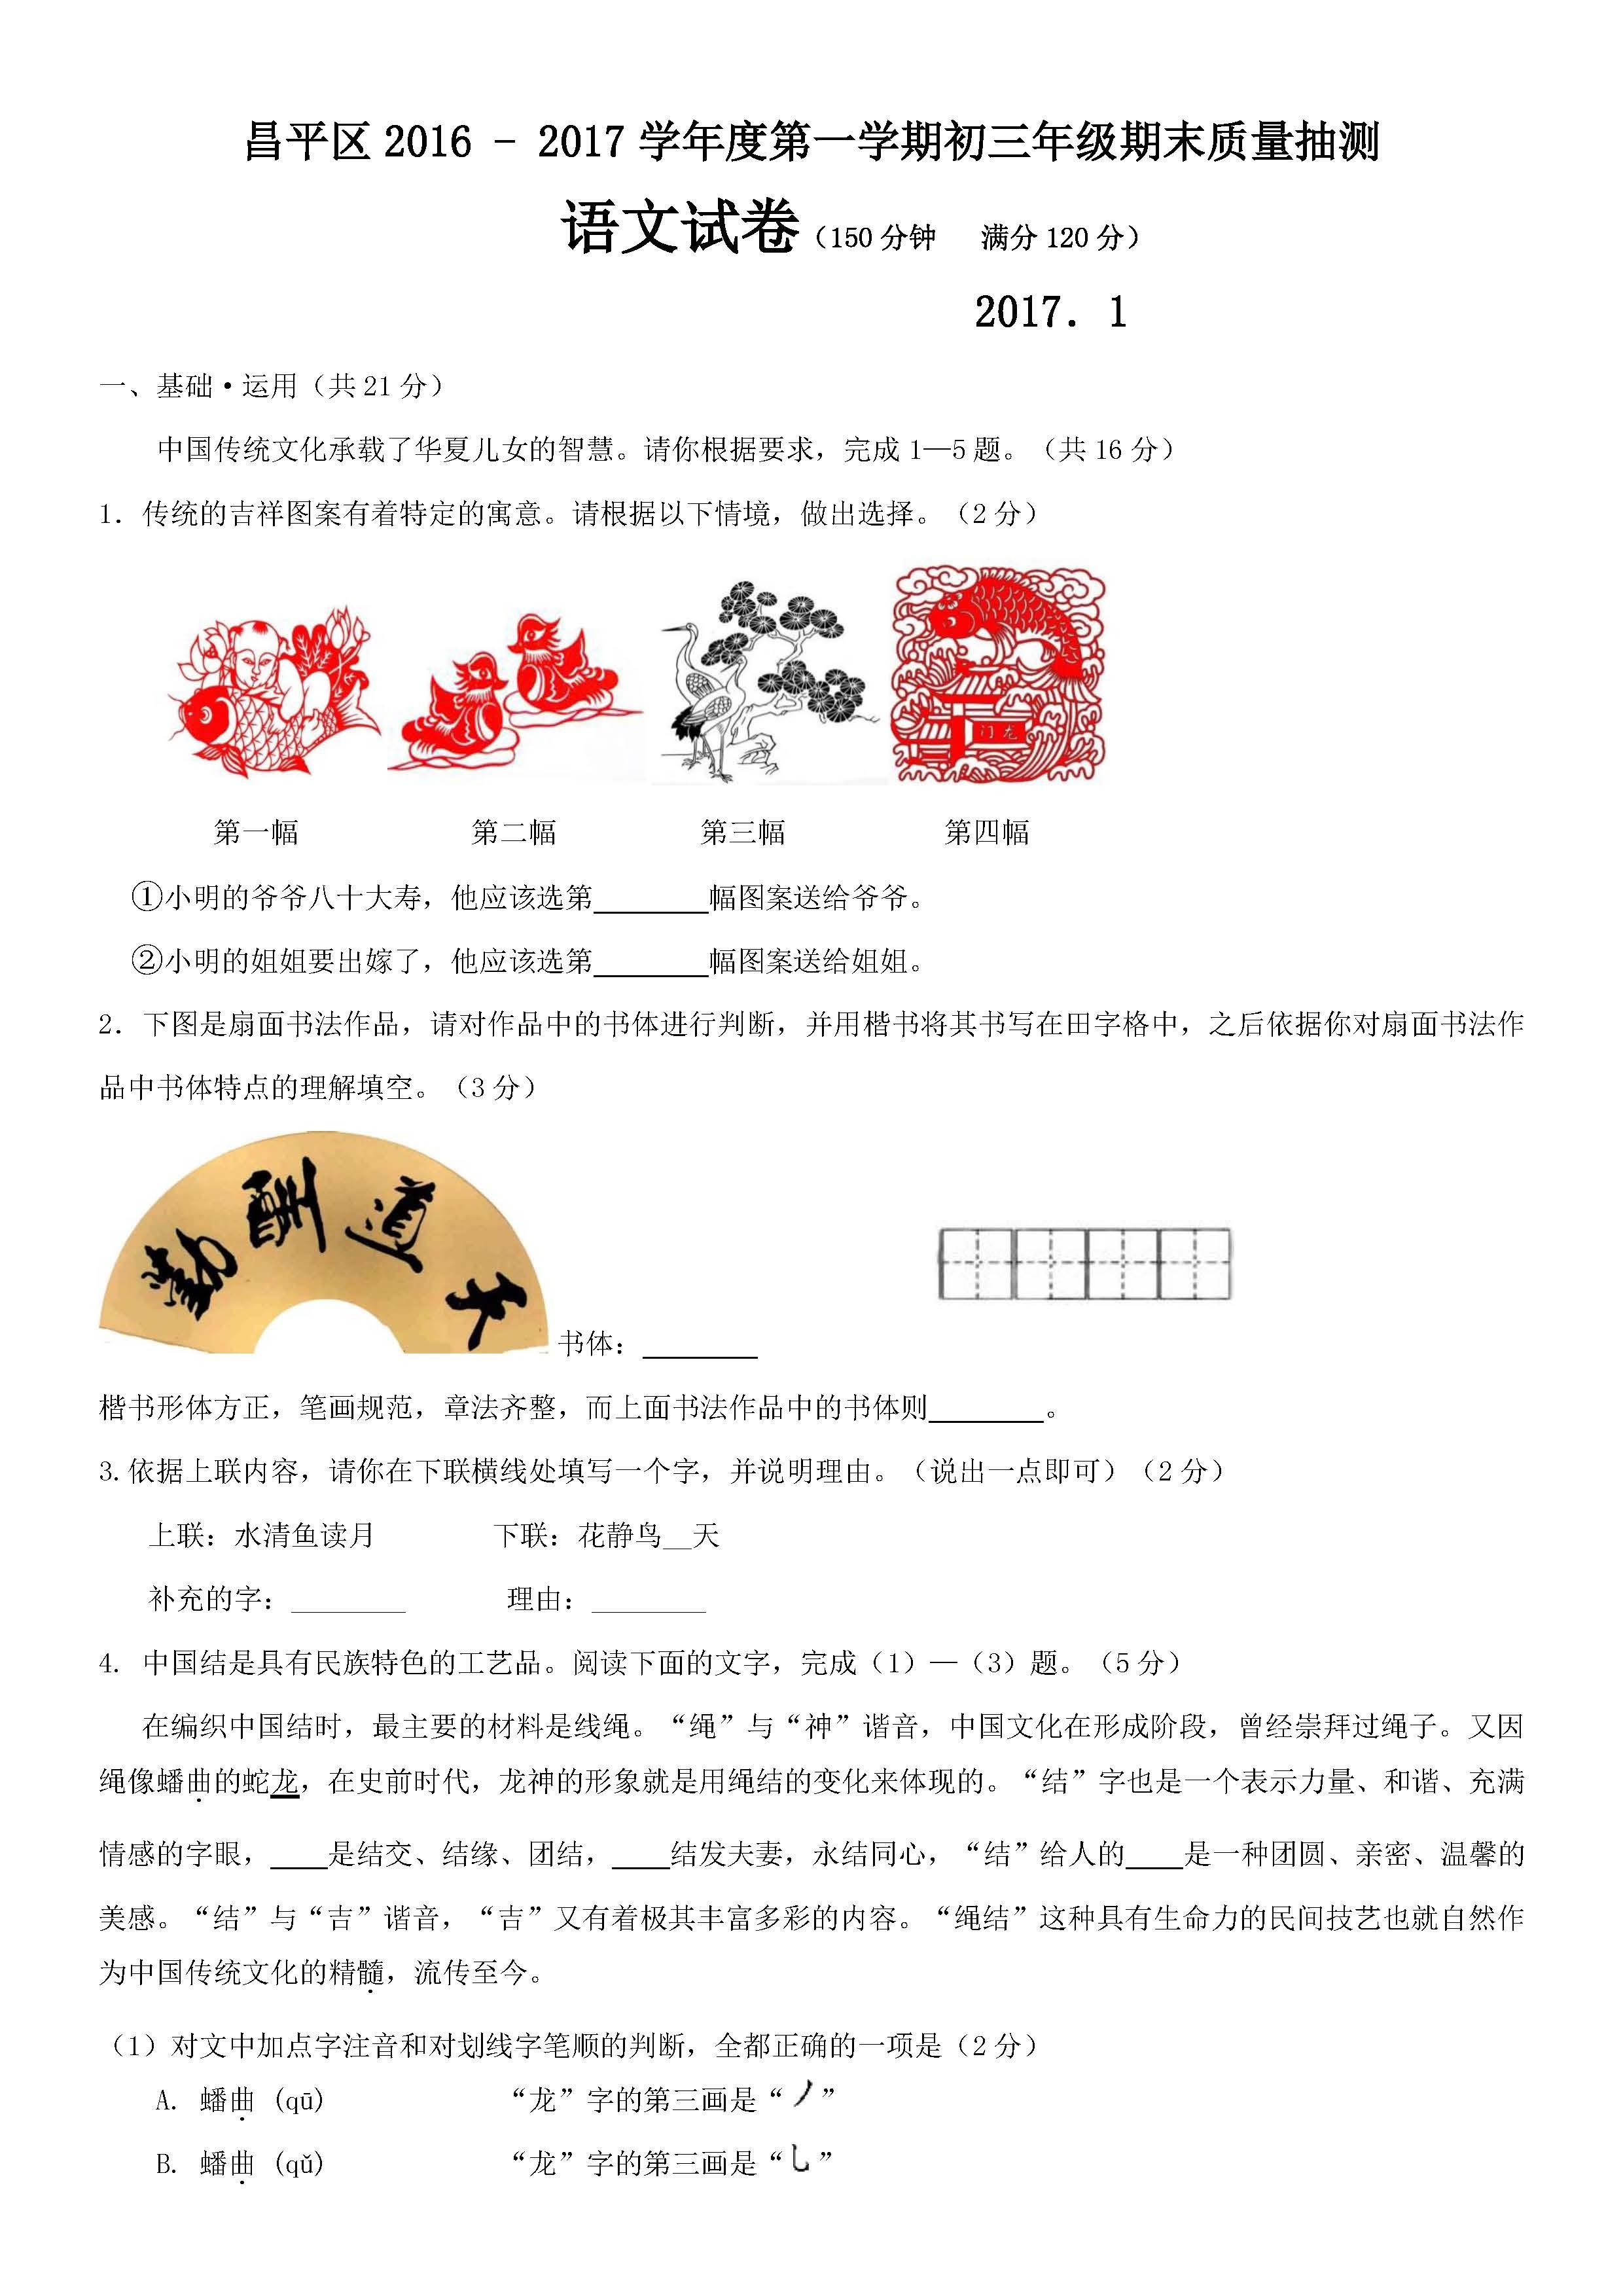 2017.1昌平初三上期末语文试题及答案(图片版)